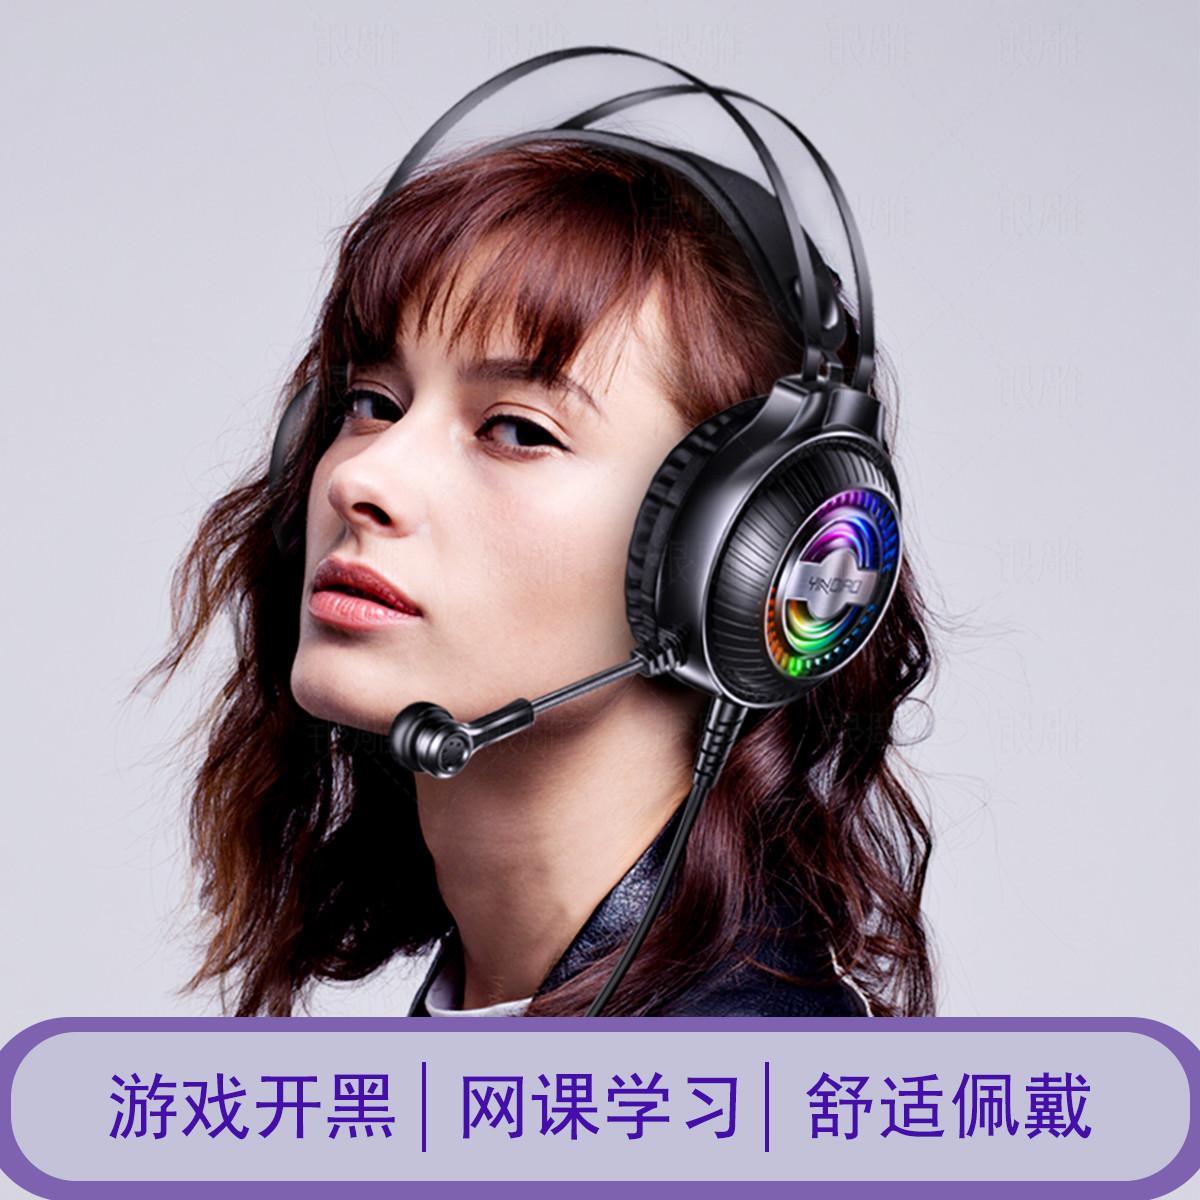 耳机头戴式电脑台式笔记本电竞游戏耳麦吃鸡听声辩位有线带话筒